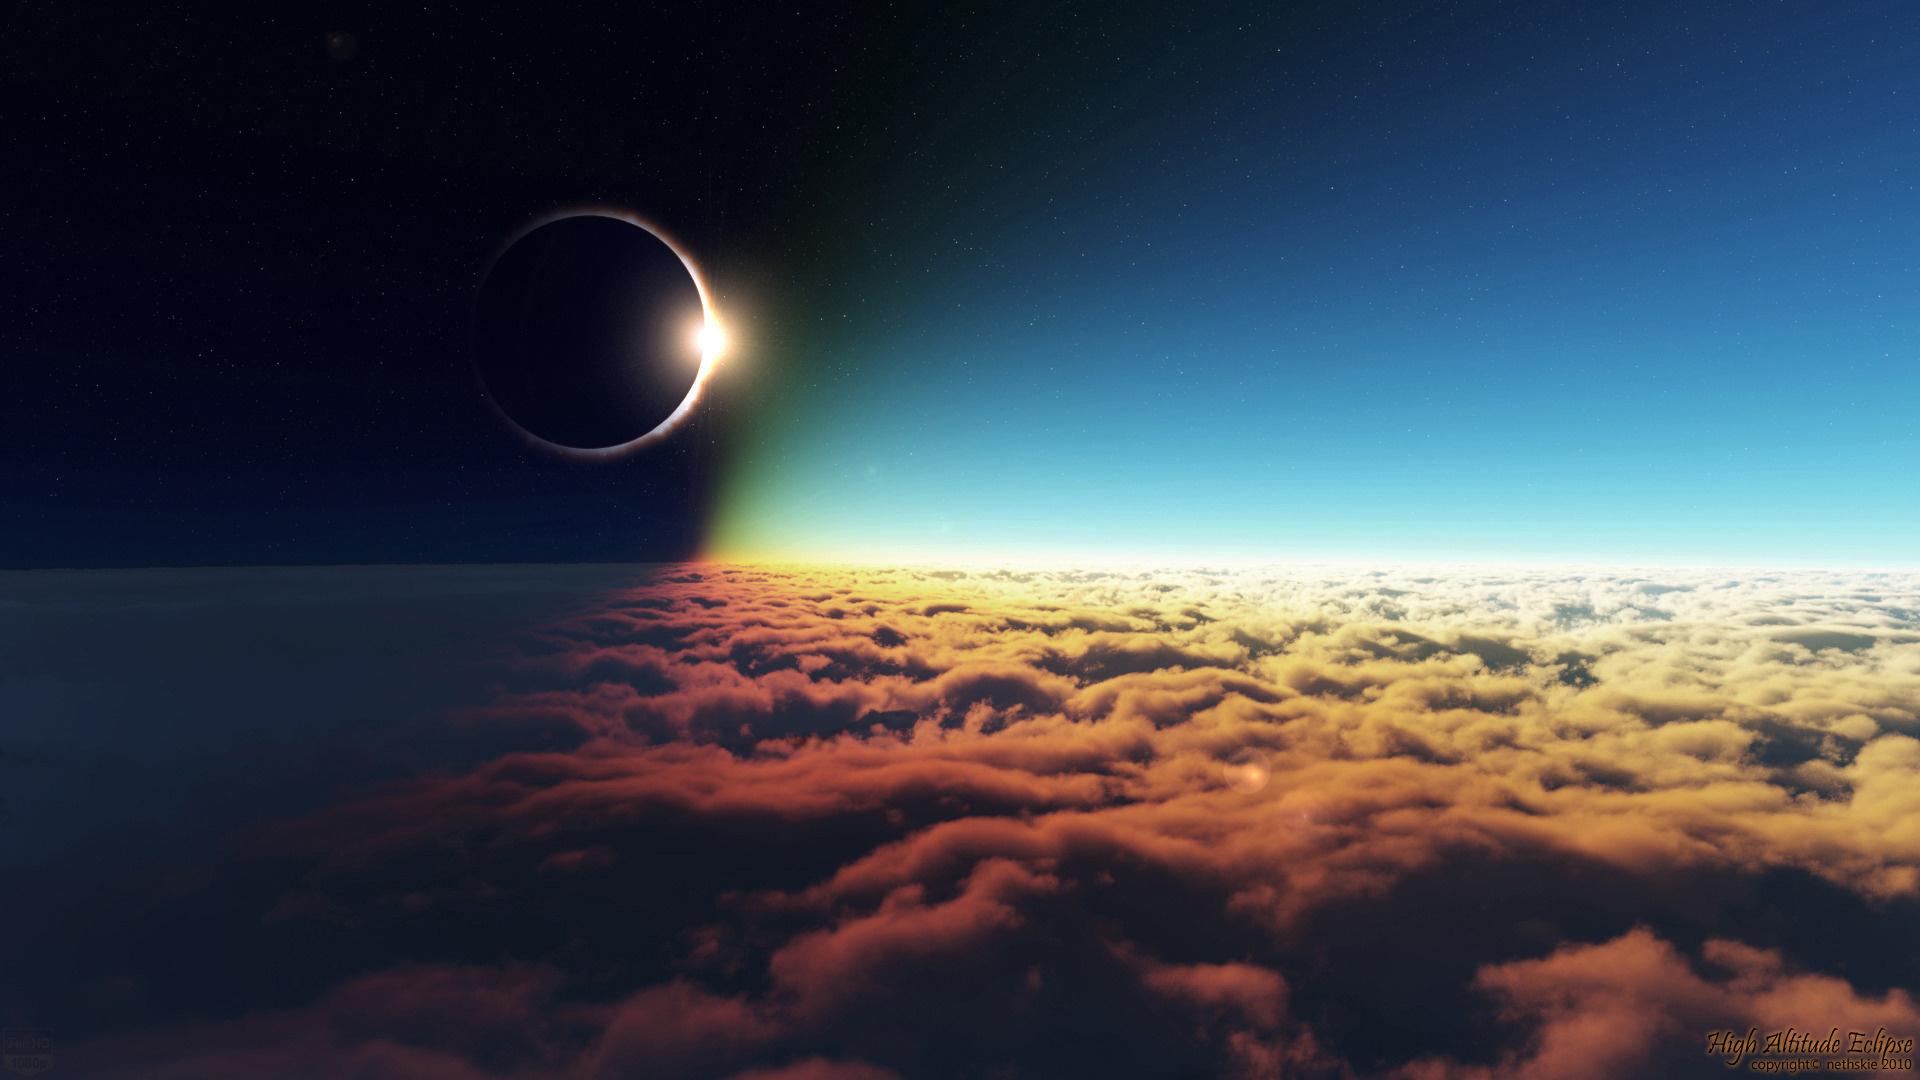 Скачать картинку Солнце, Облака, Небо, Пейзаж в телефон бесплатно.